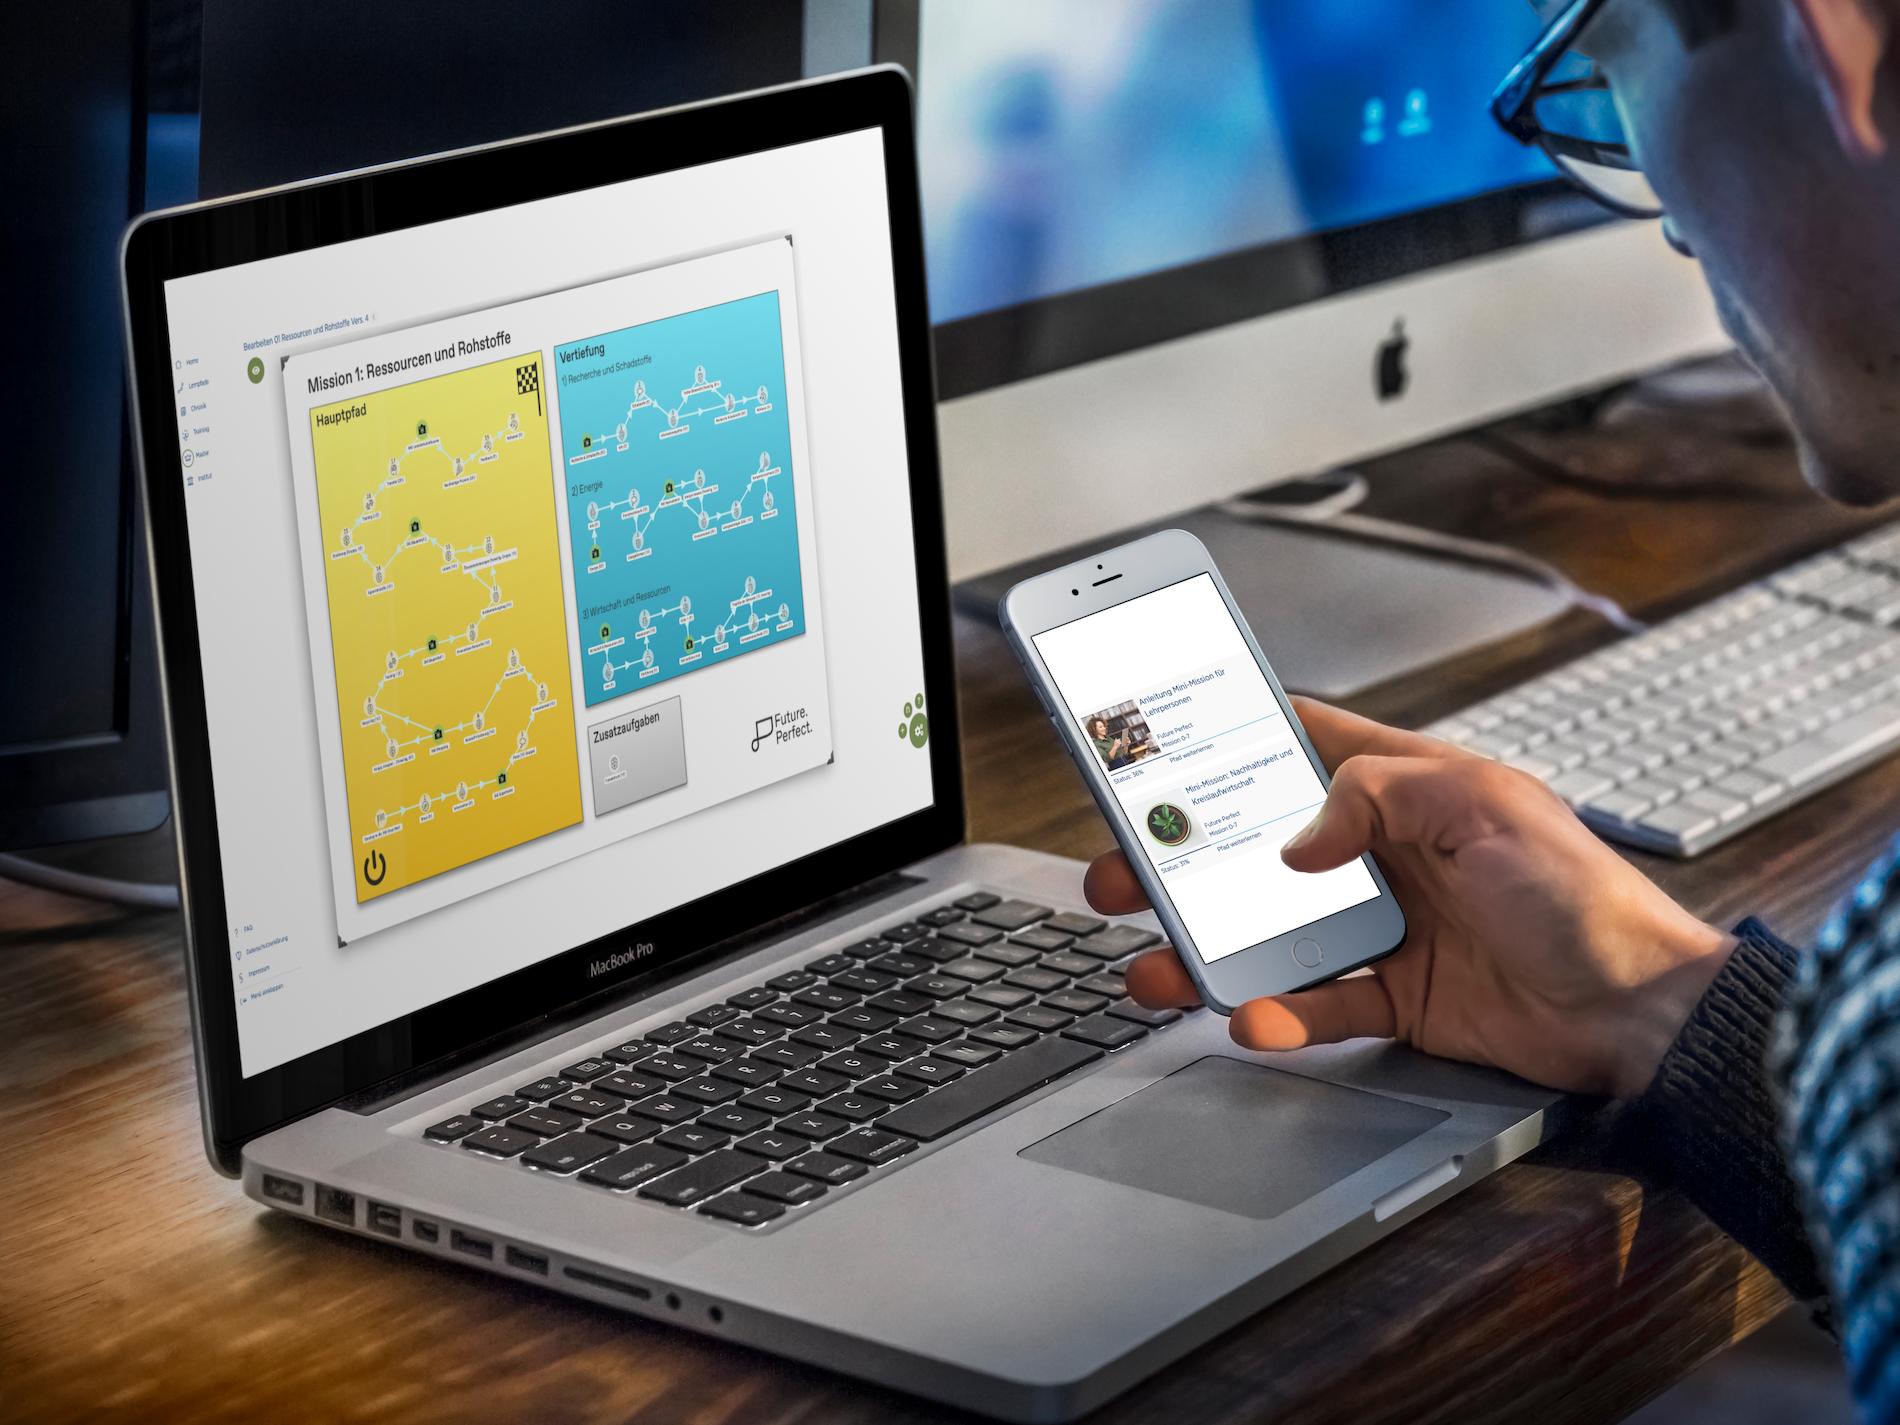 Laptop und Smartphne mit Lernprogramm. Ein Mann nutzt mit beiden Geräten das Lernprogramm.